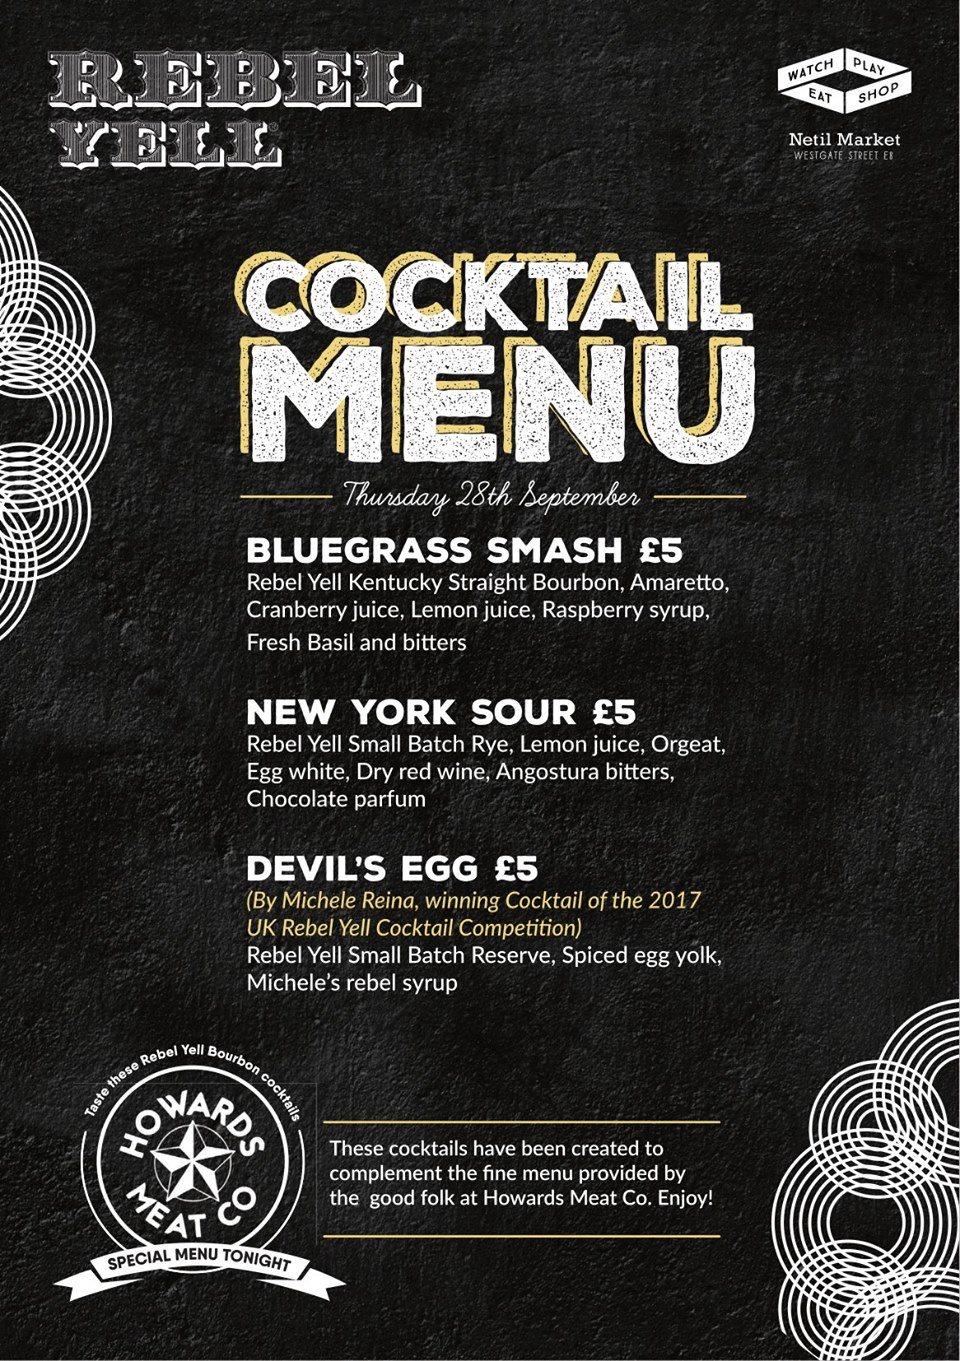 rebelcocktail menu.jpg